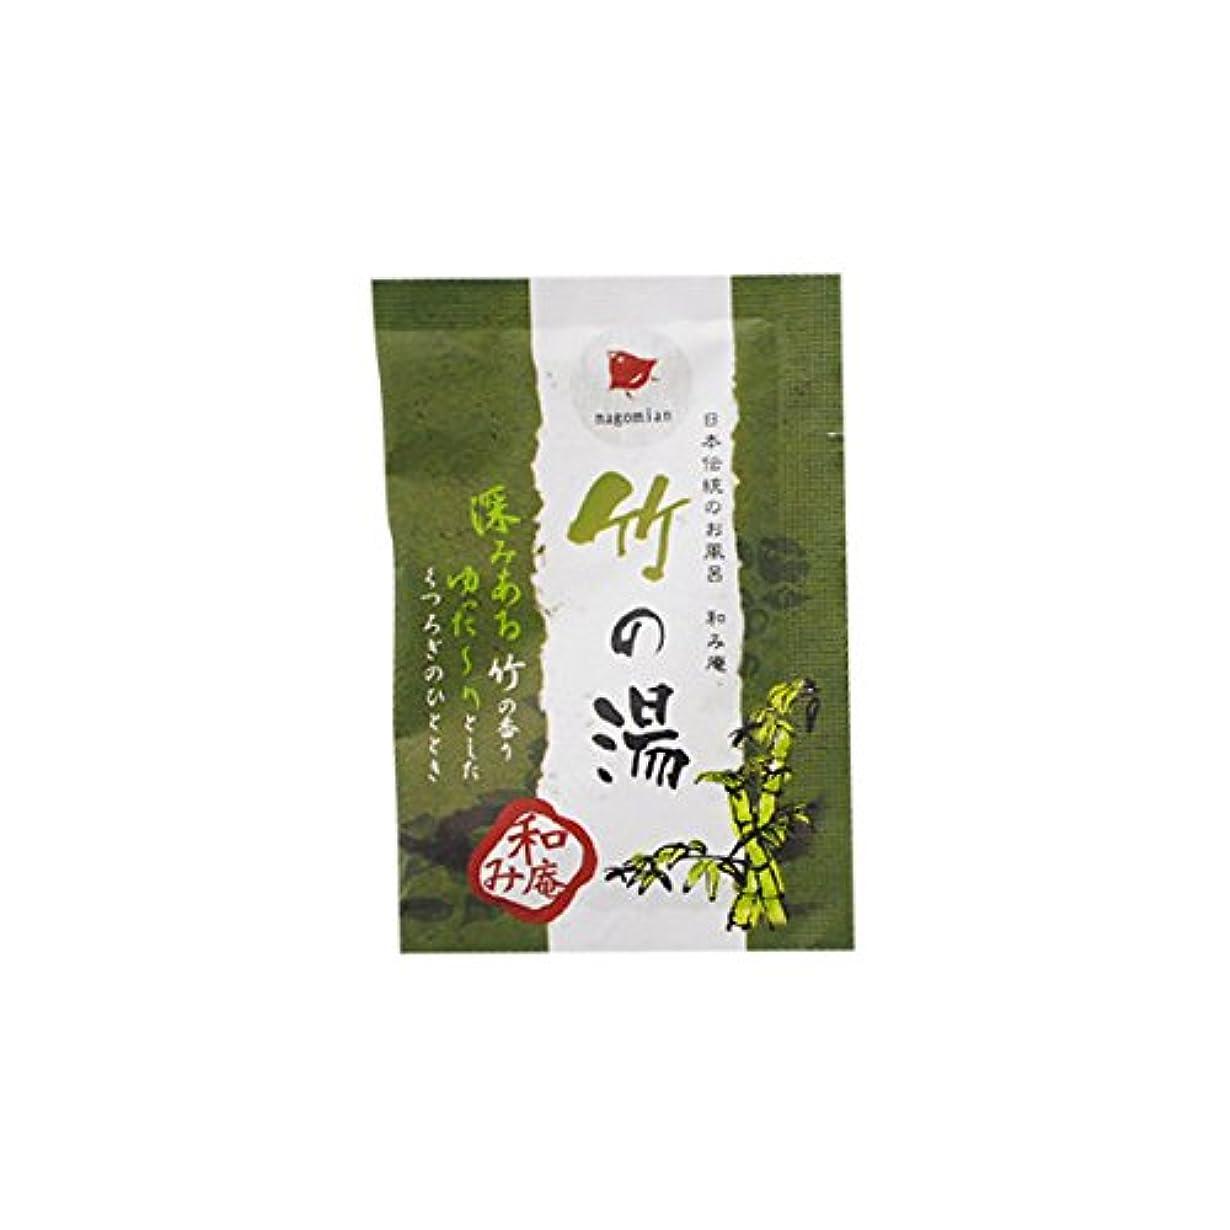 接辞サイレント抜本的な和み庵 入浴剤 「竹の湯」30個